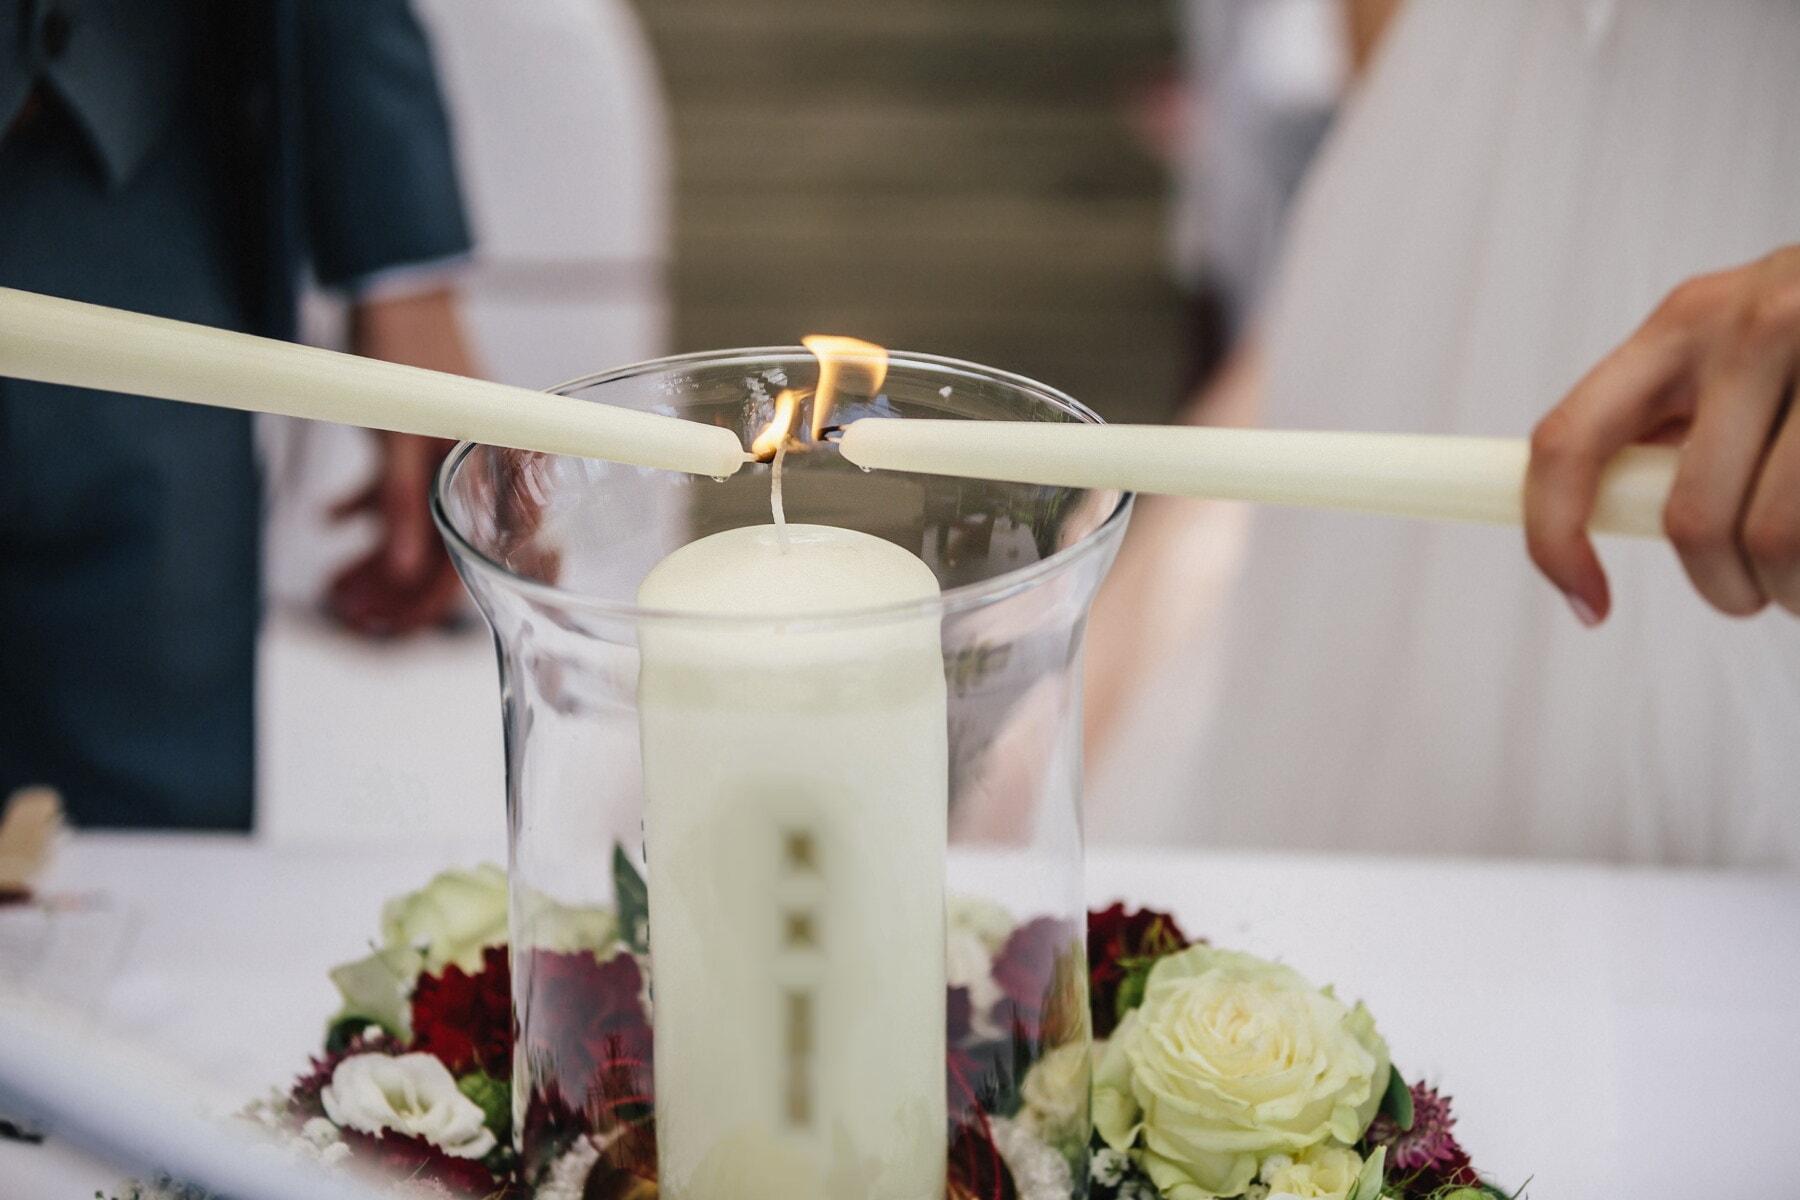 aux chandelles, flamme, blanc, bougies, romantique, mains, élégant, mariage, femme, amour